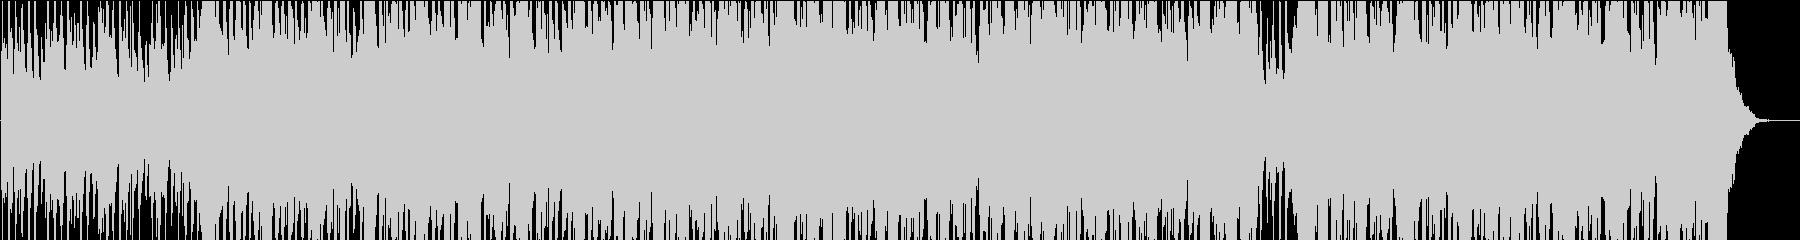 アップテンポなクリスマスBGMの未再生の波形